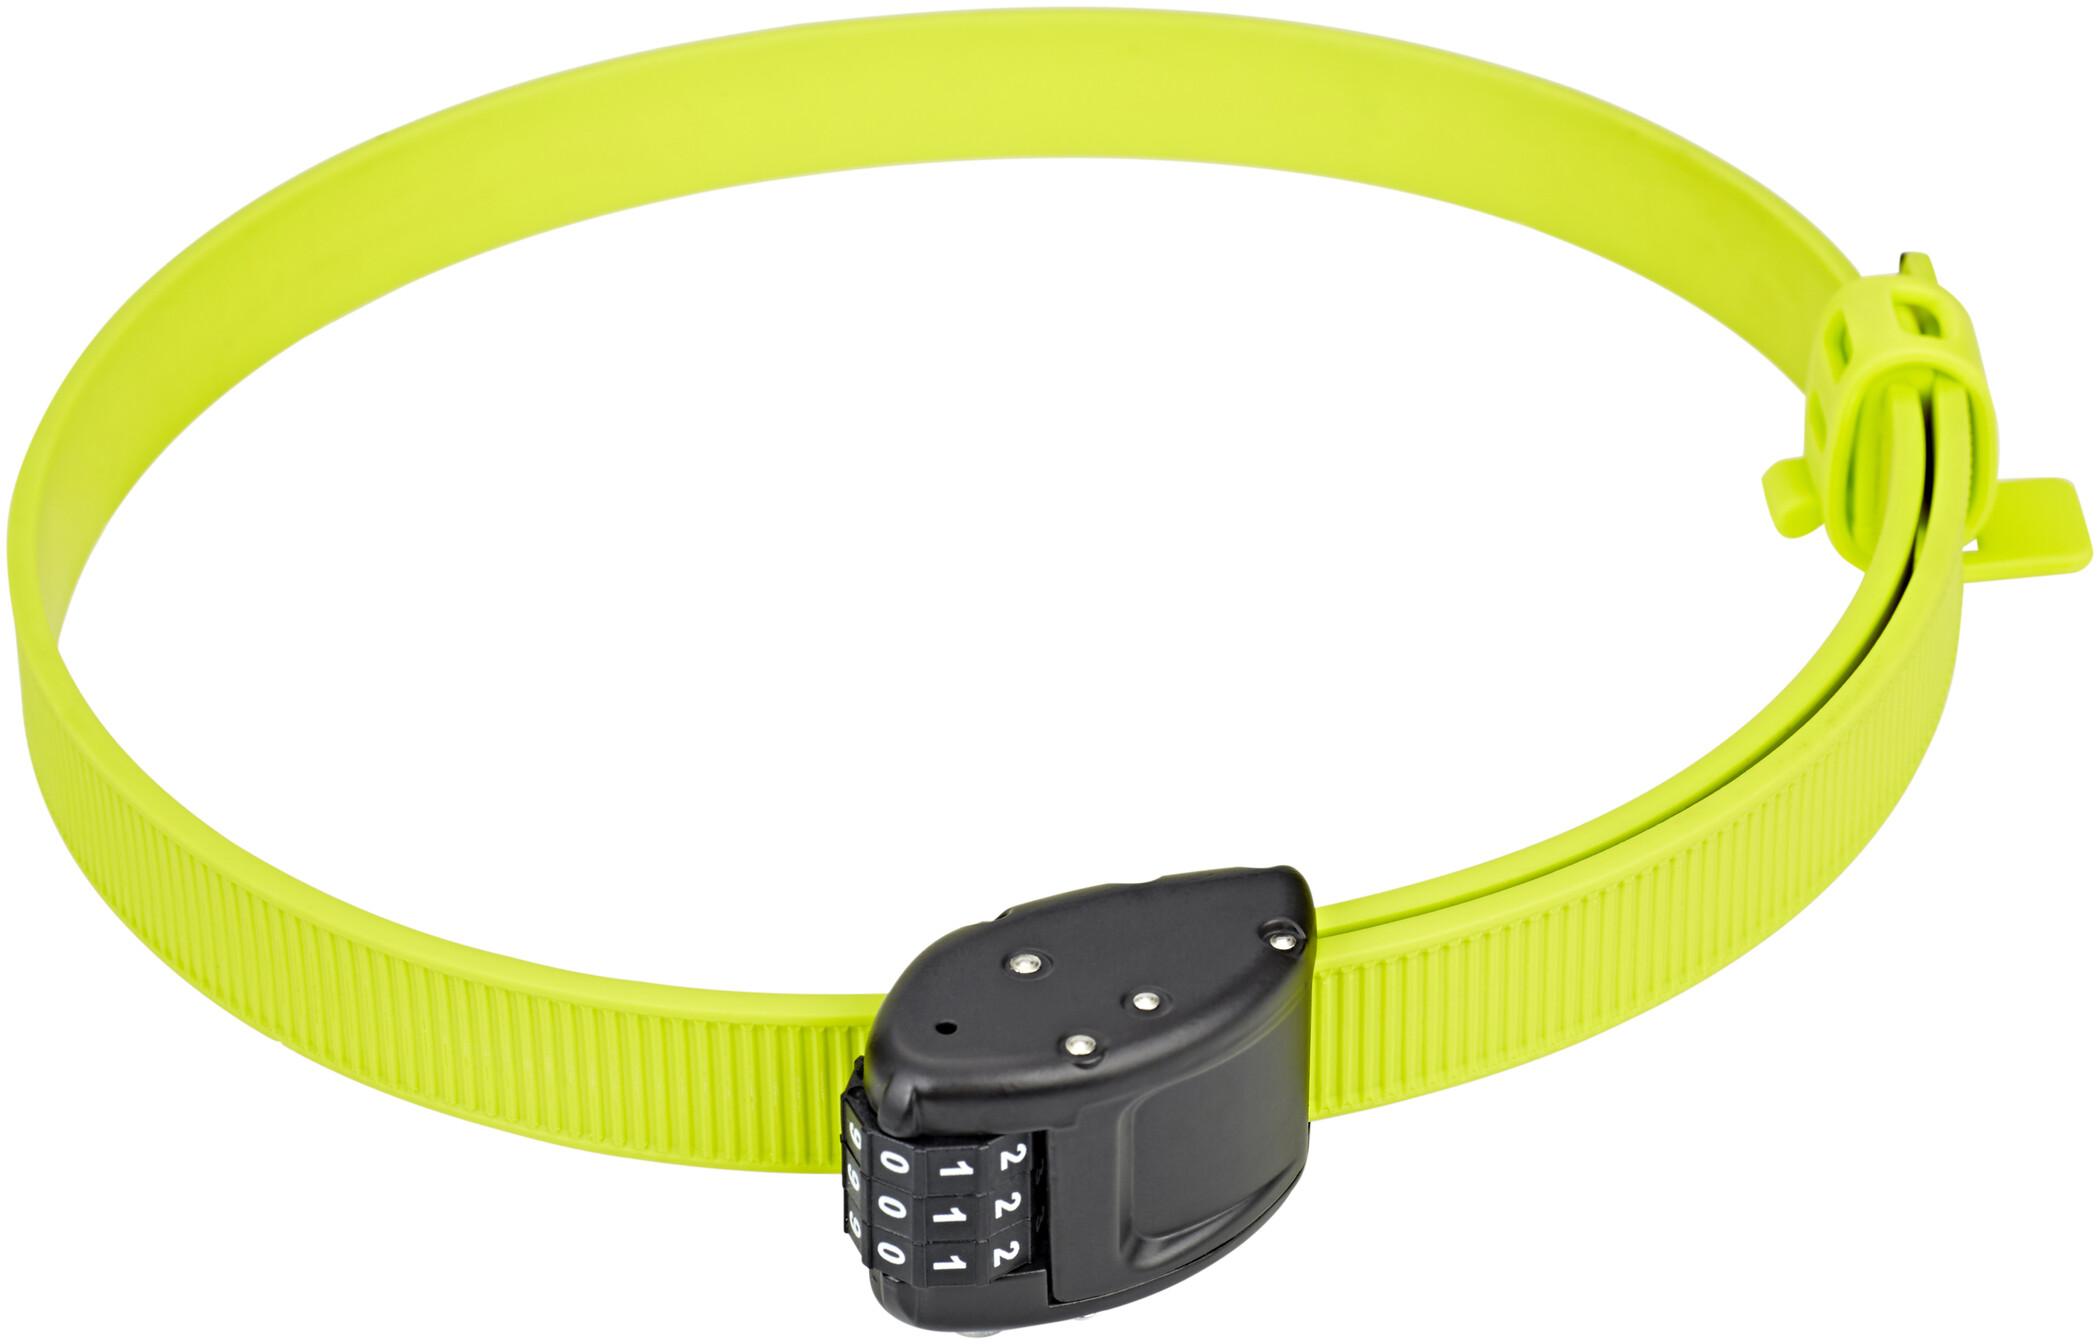 OTTOLOCK Cinch Lock 75 cm, flash green | Løse låse